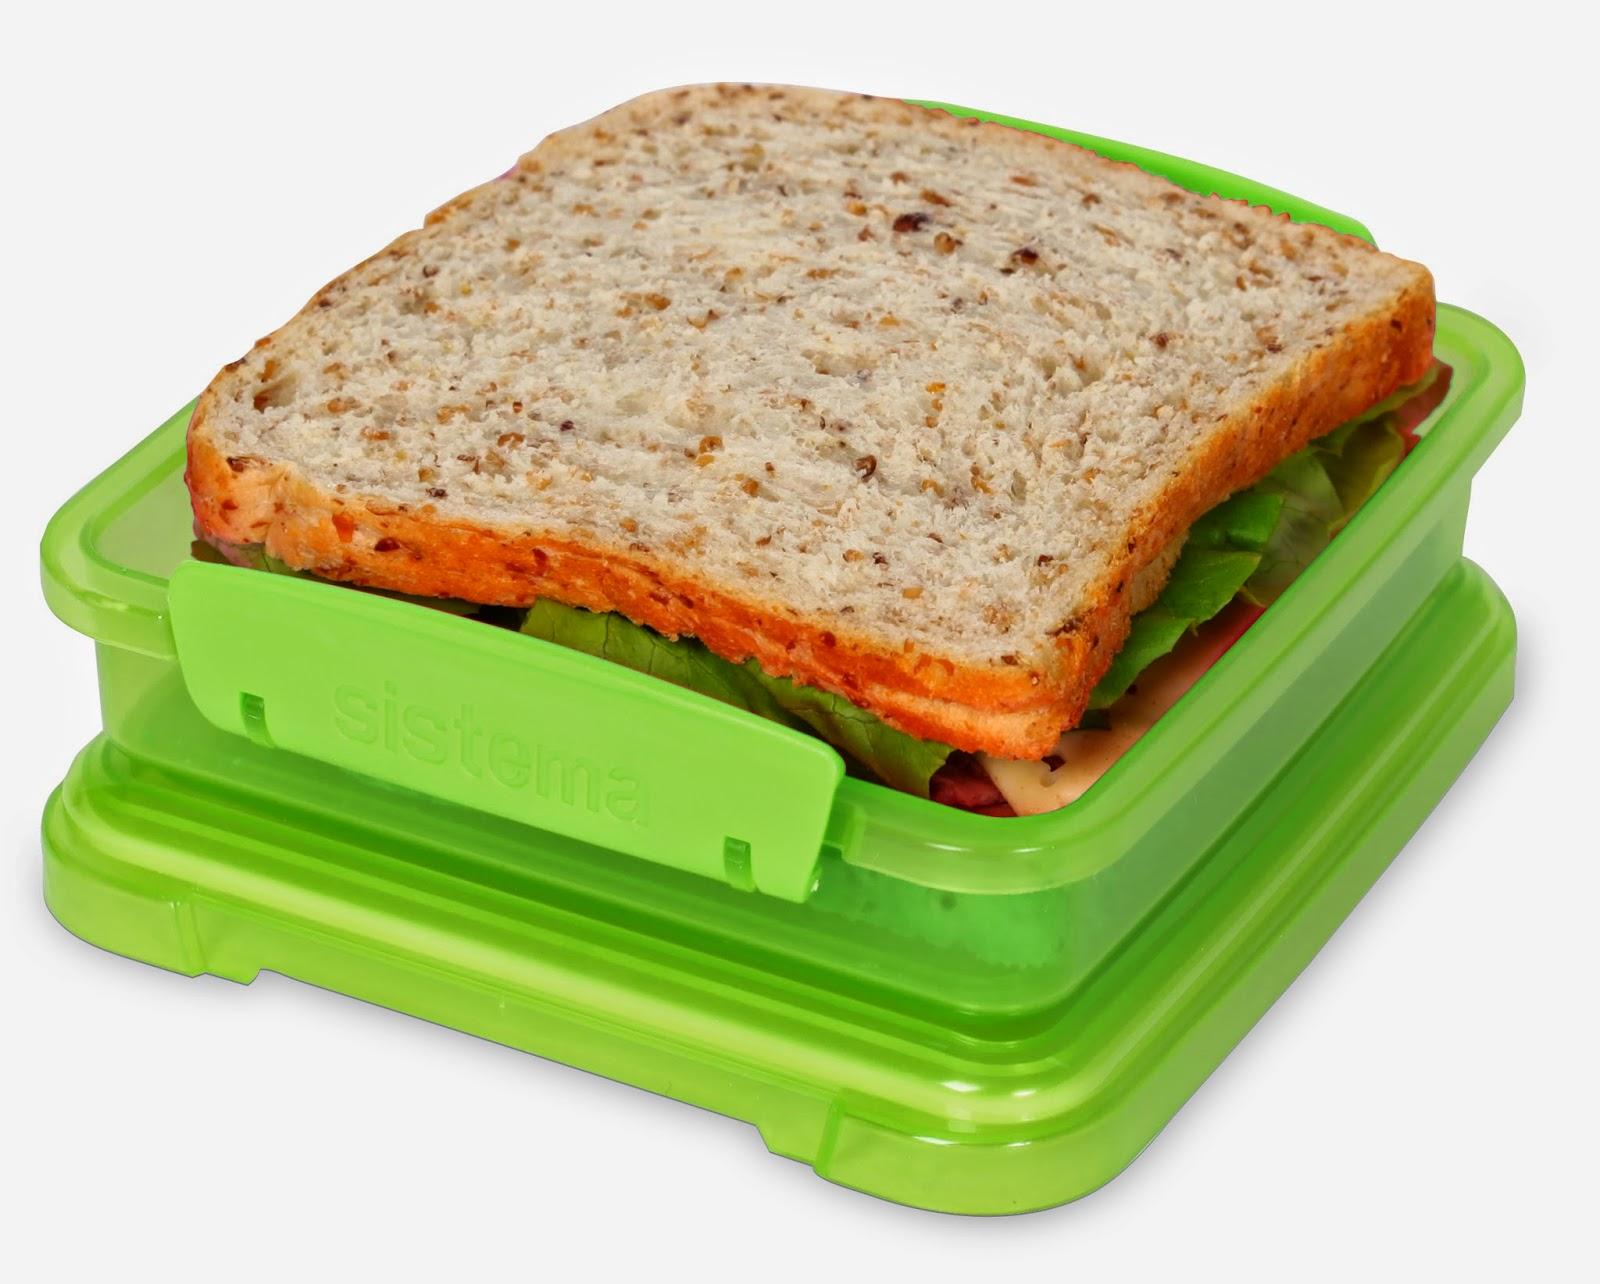 http://www.almaogjacob.dk/shop/sistema-sandwichboks-1698p.html